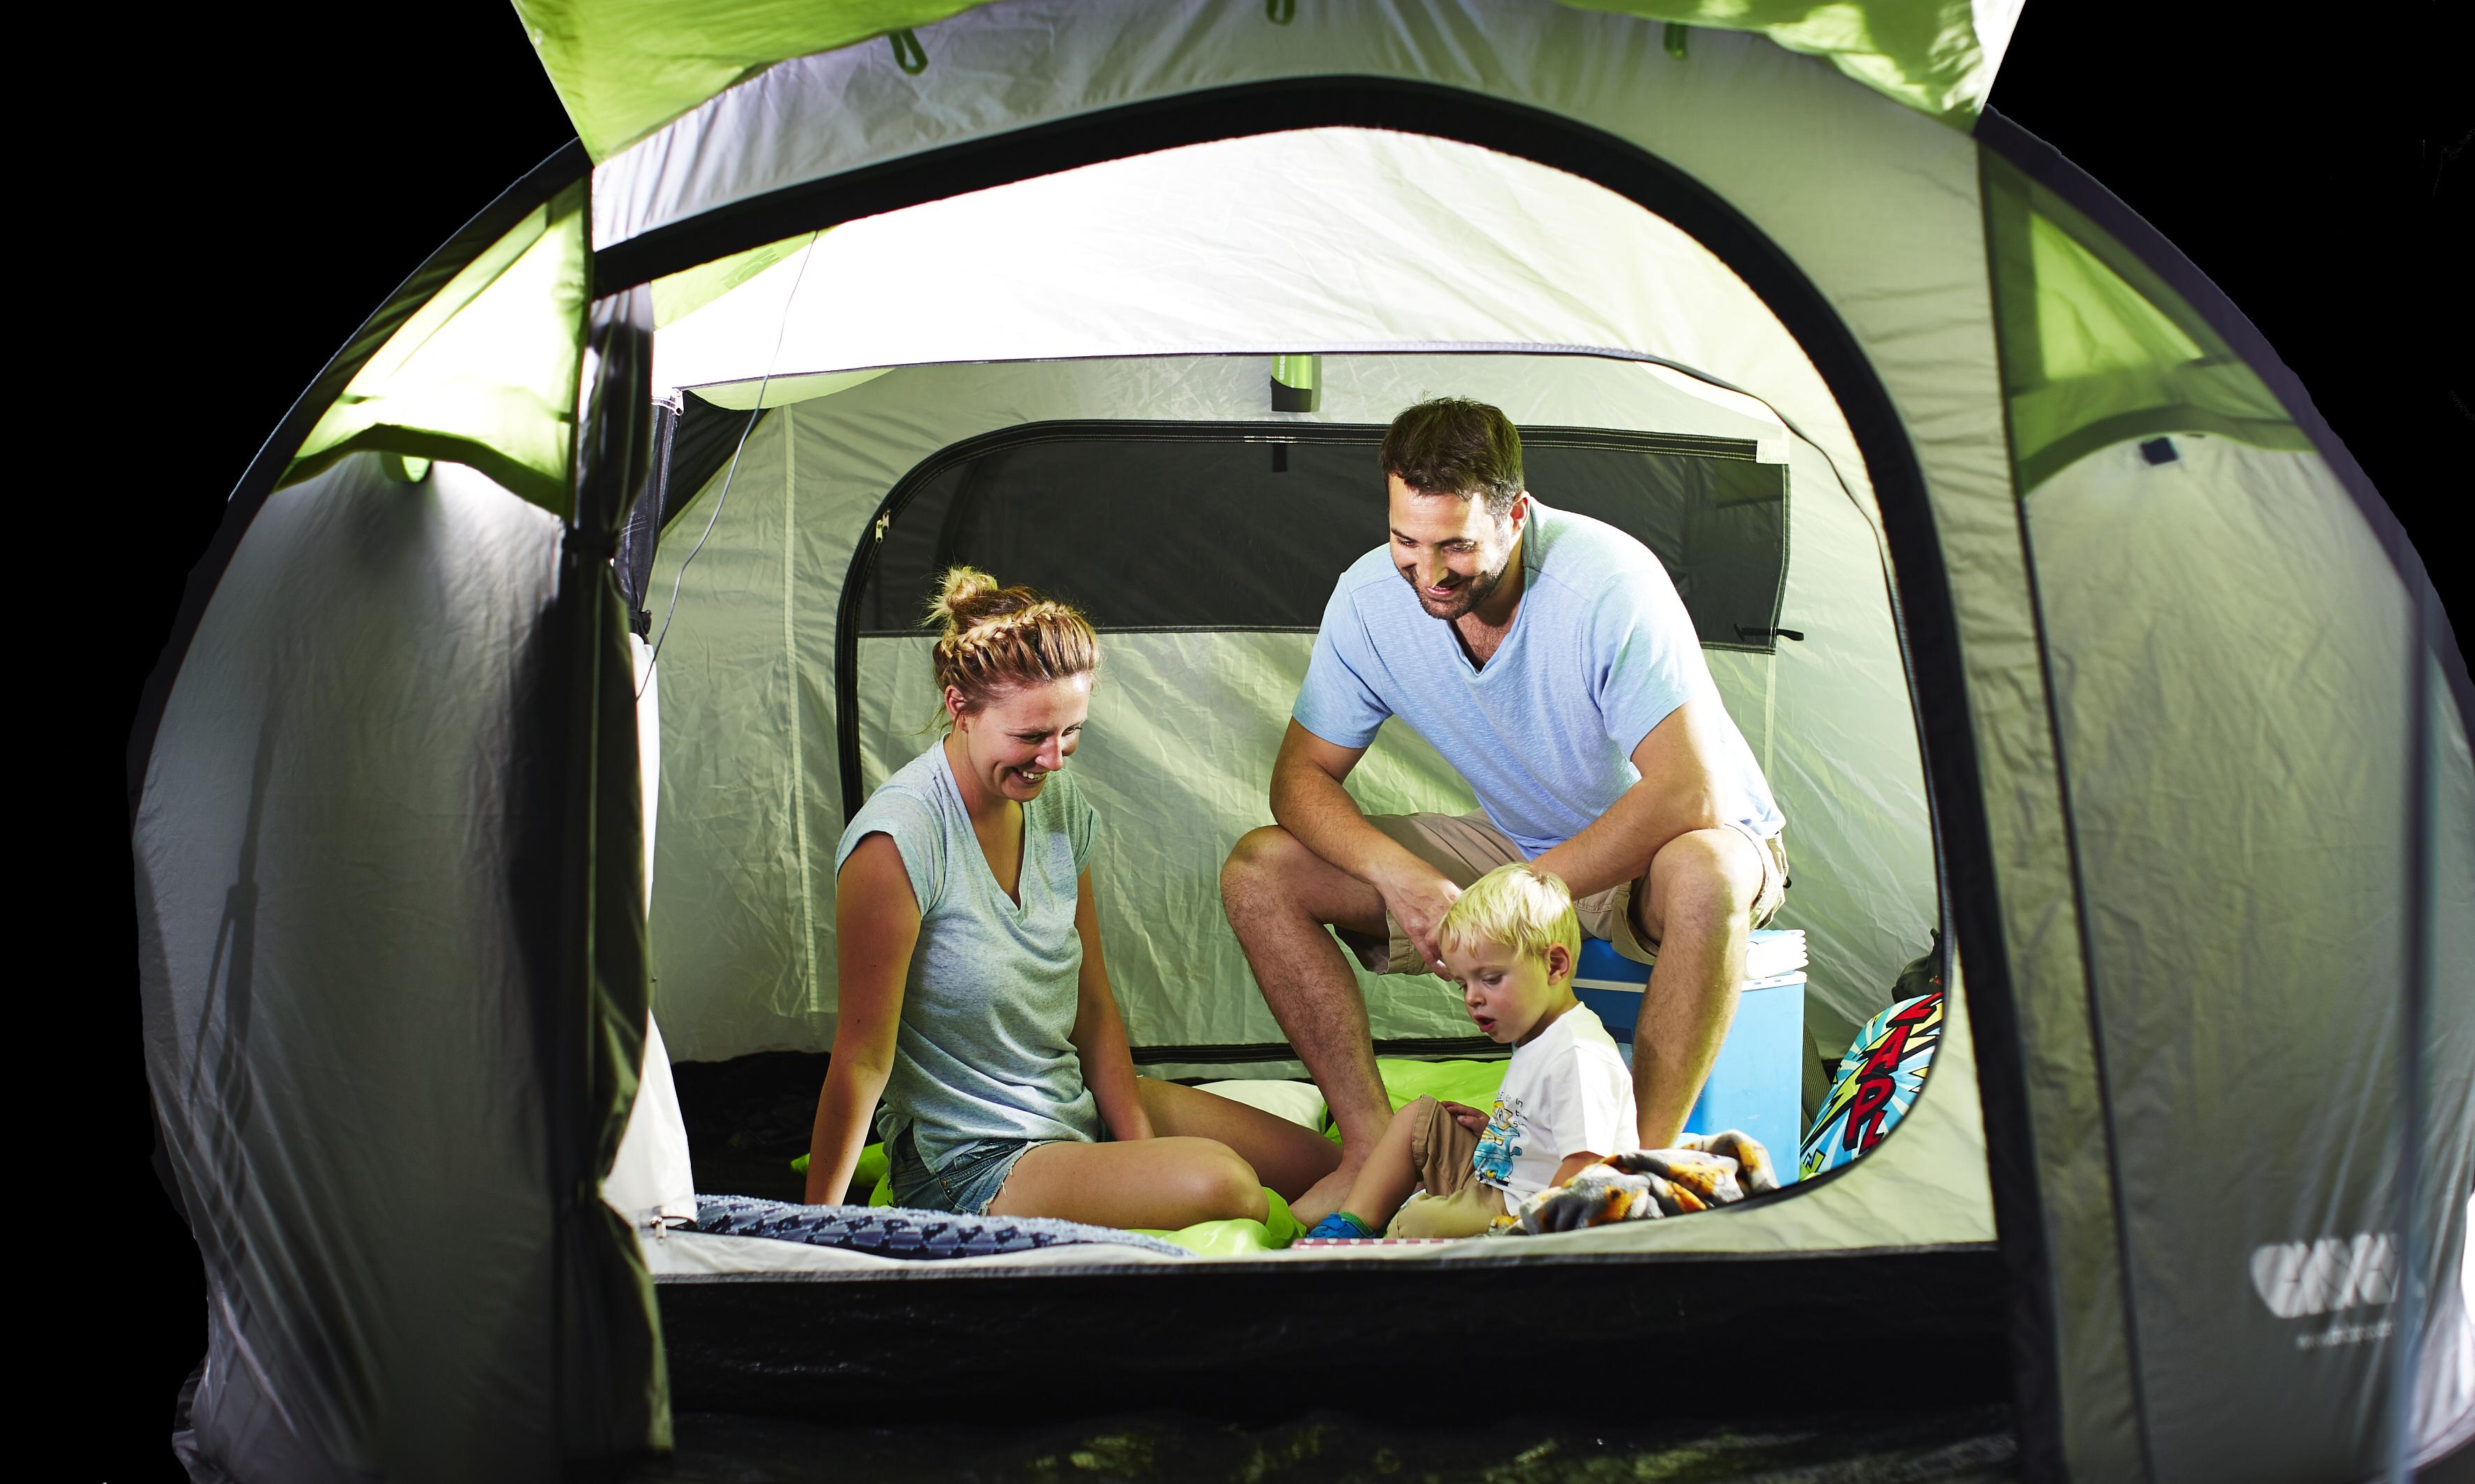 組み立て不要で快適で楽にキャンプが楽しめるポップアップテントCinch!_10